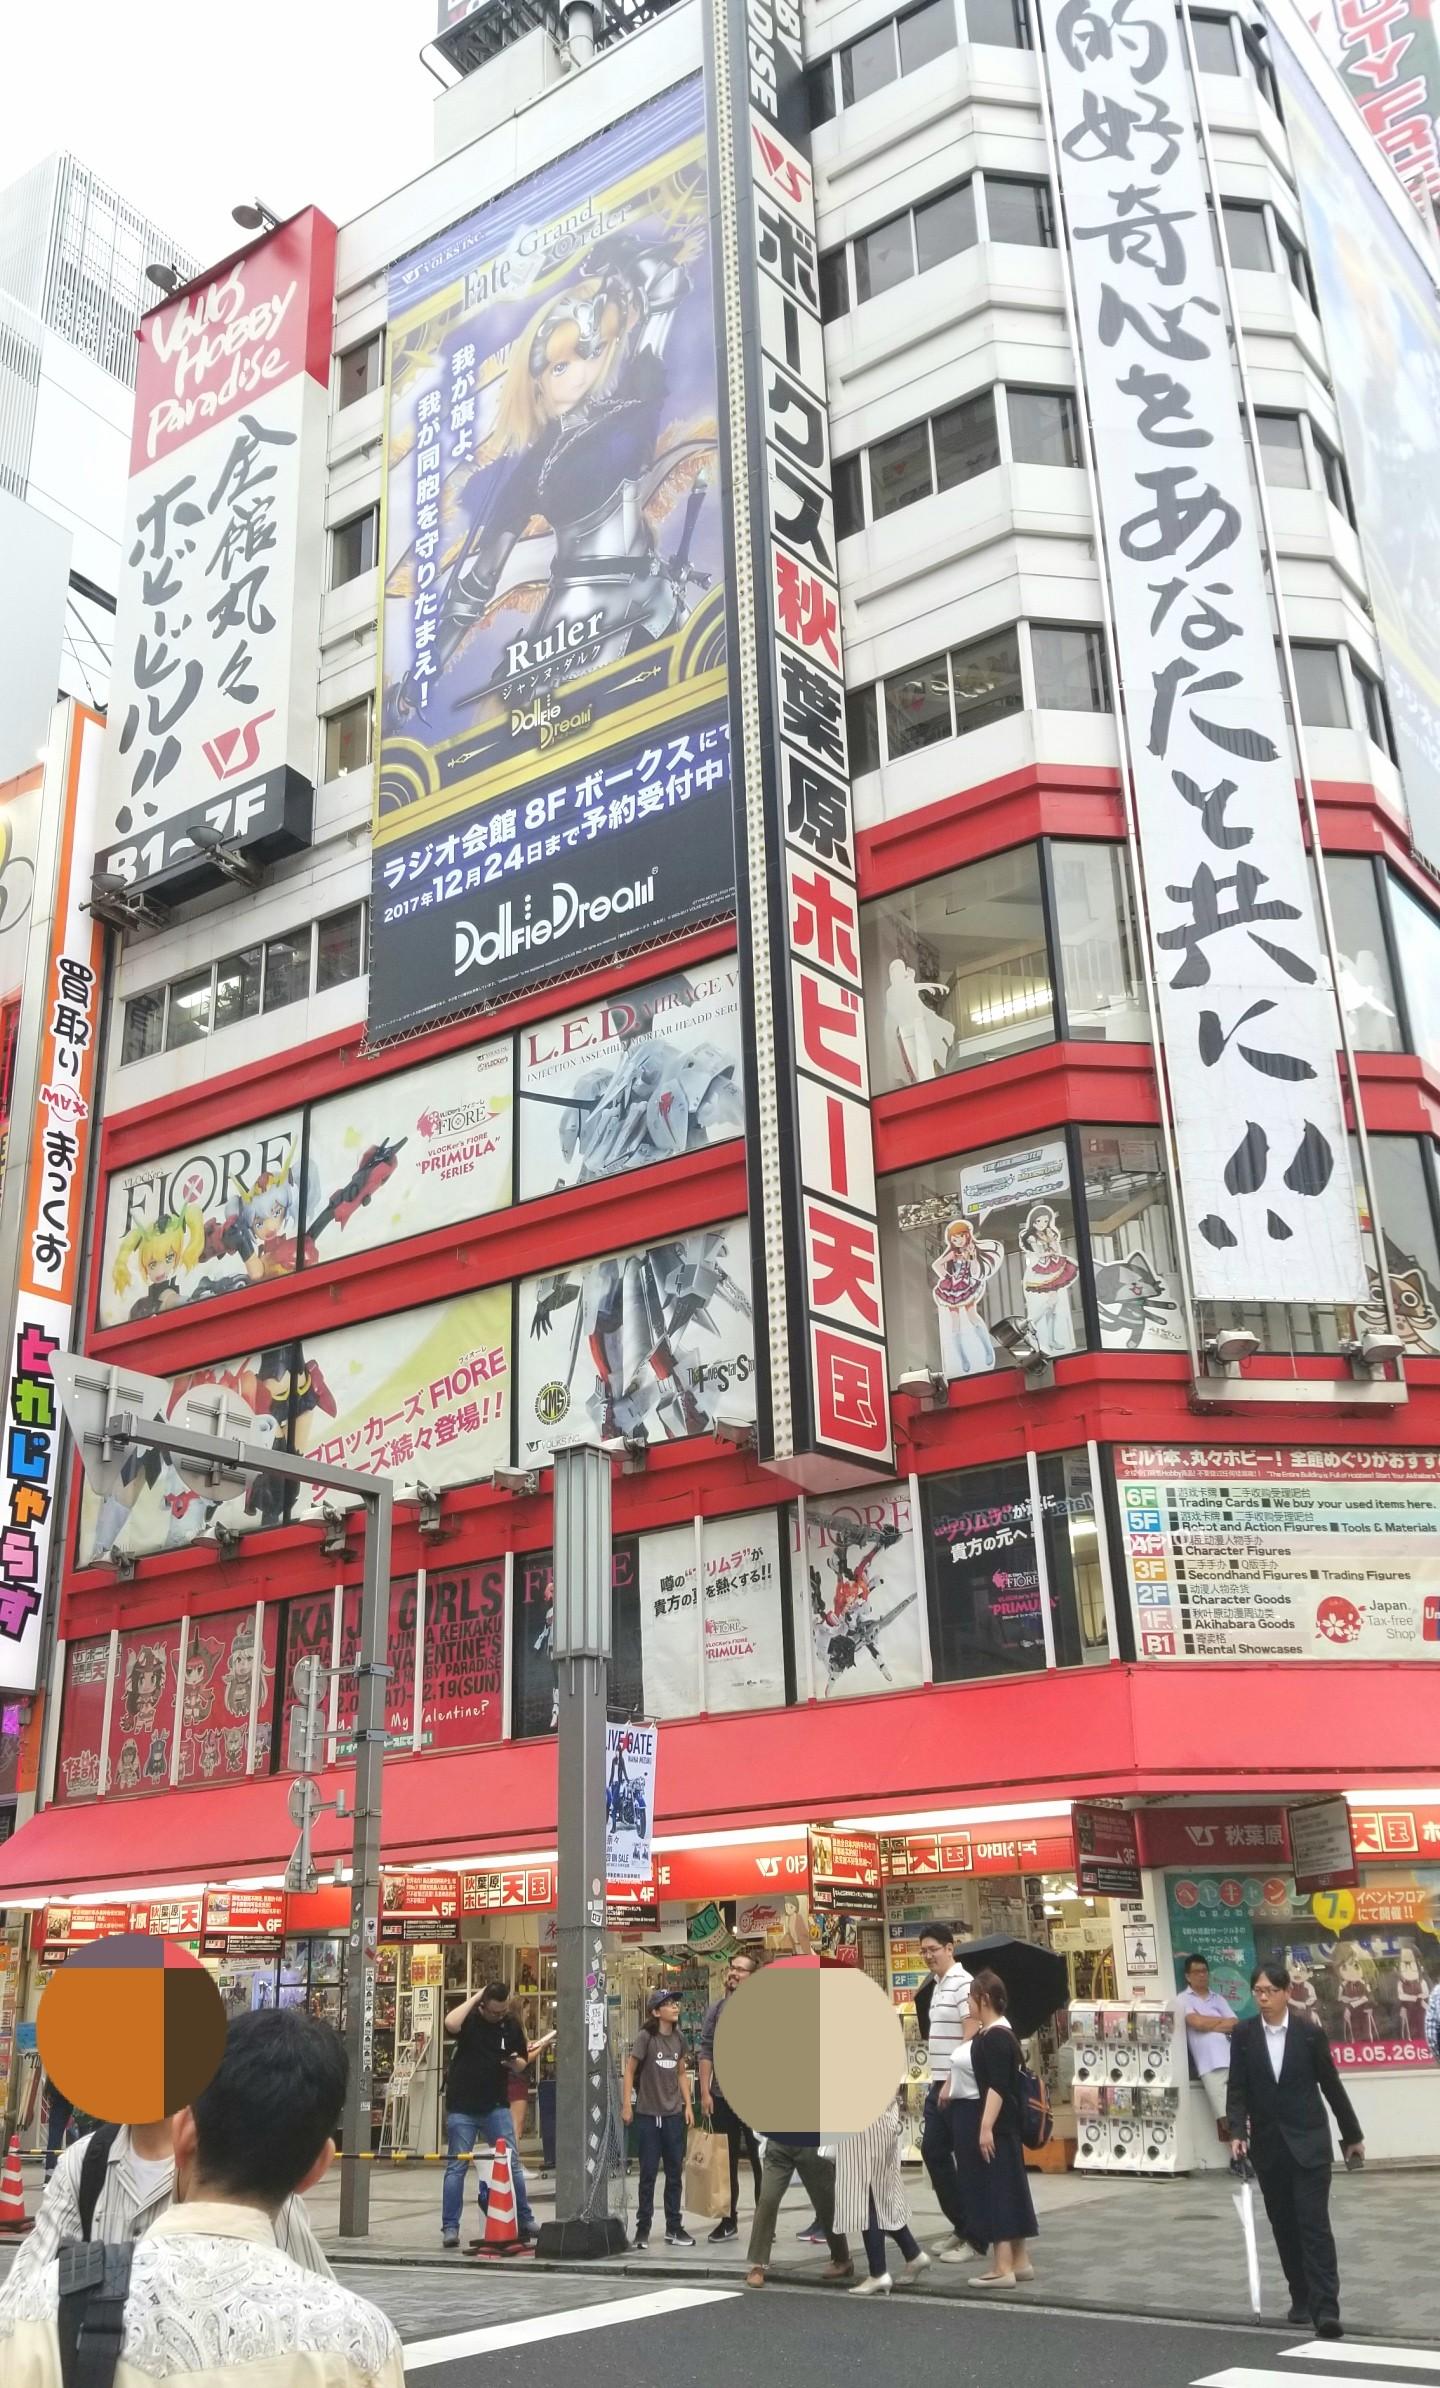 秋葉原探索,ドール探し,オタクの聖地,東京観光,楽しかった